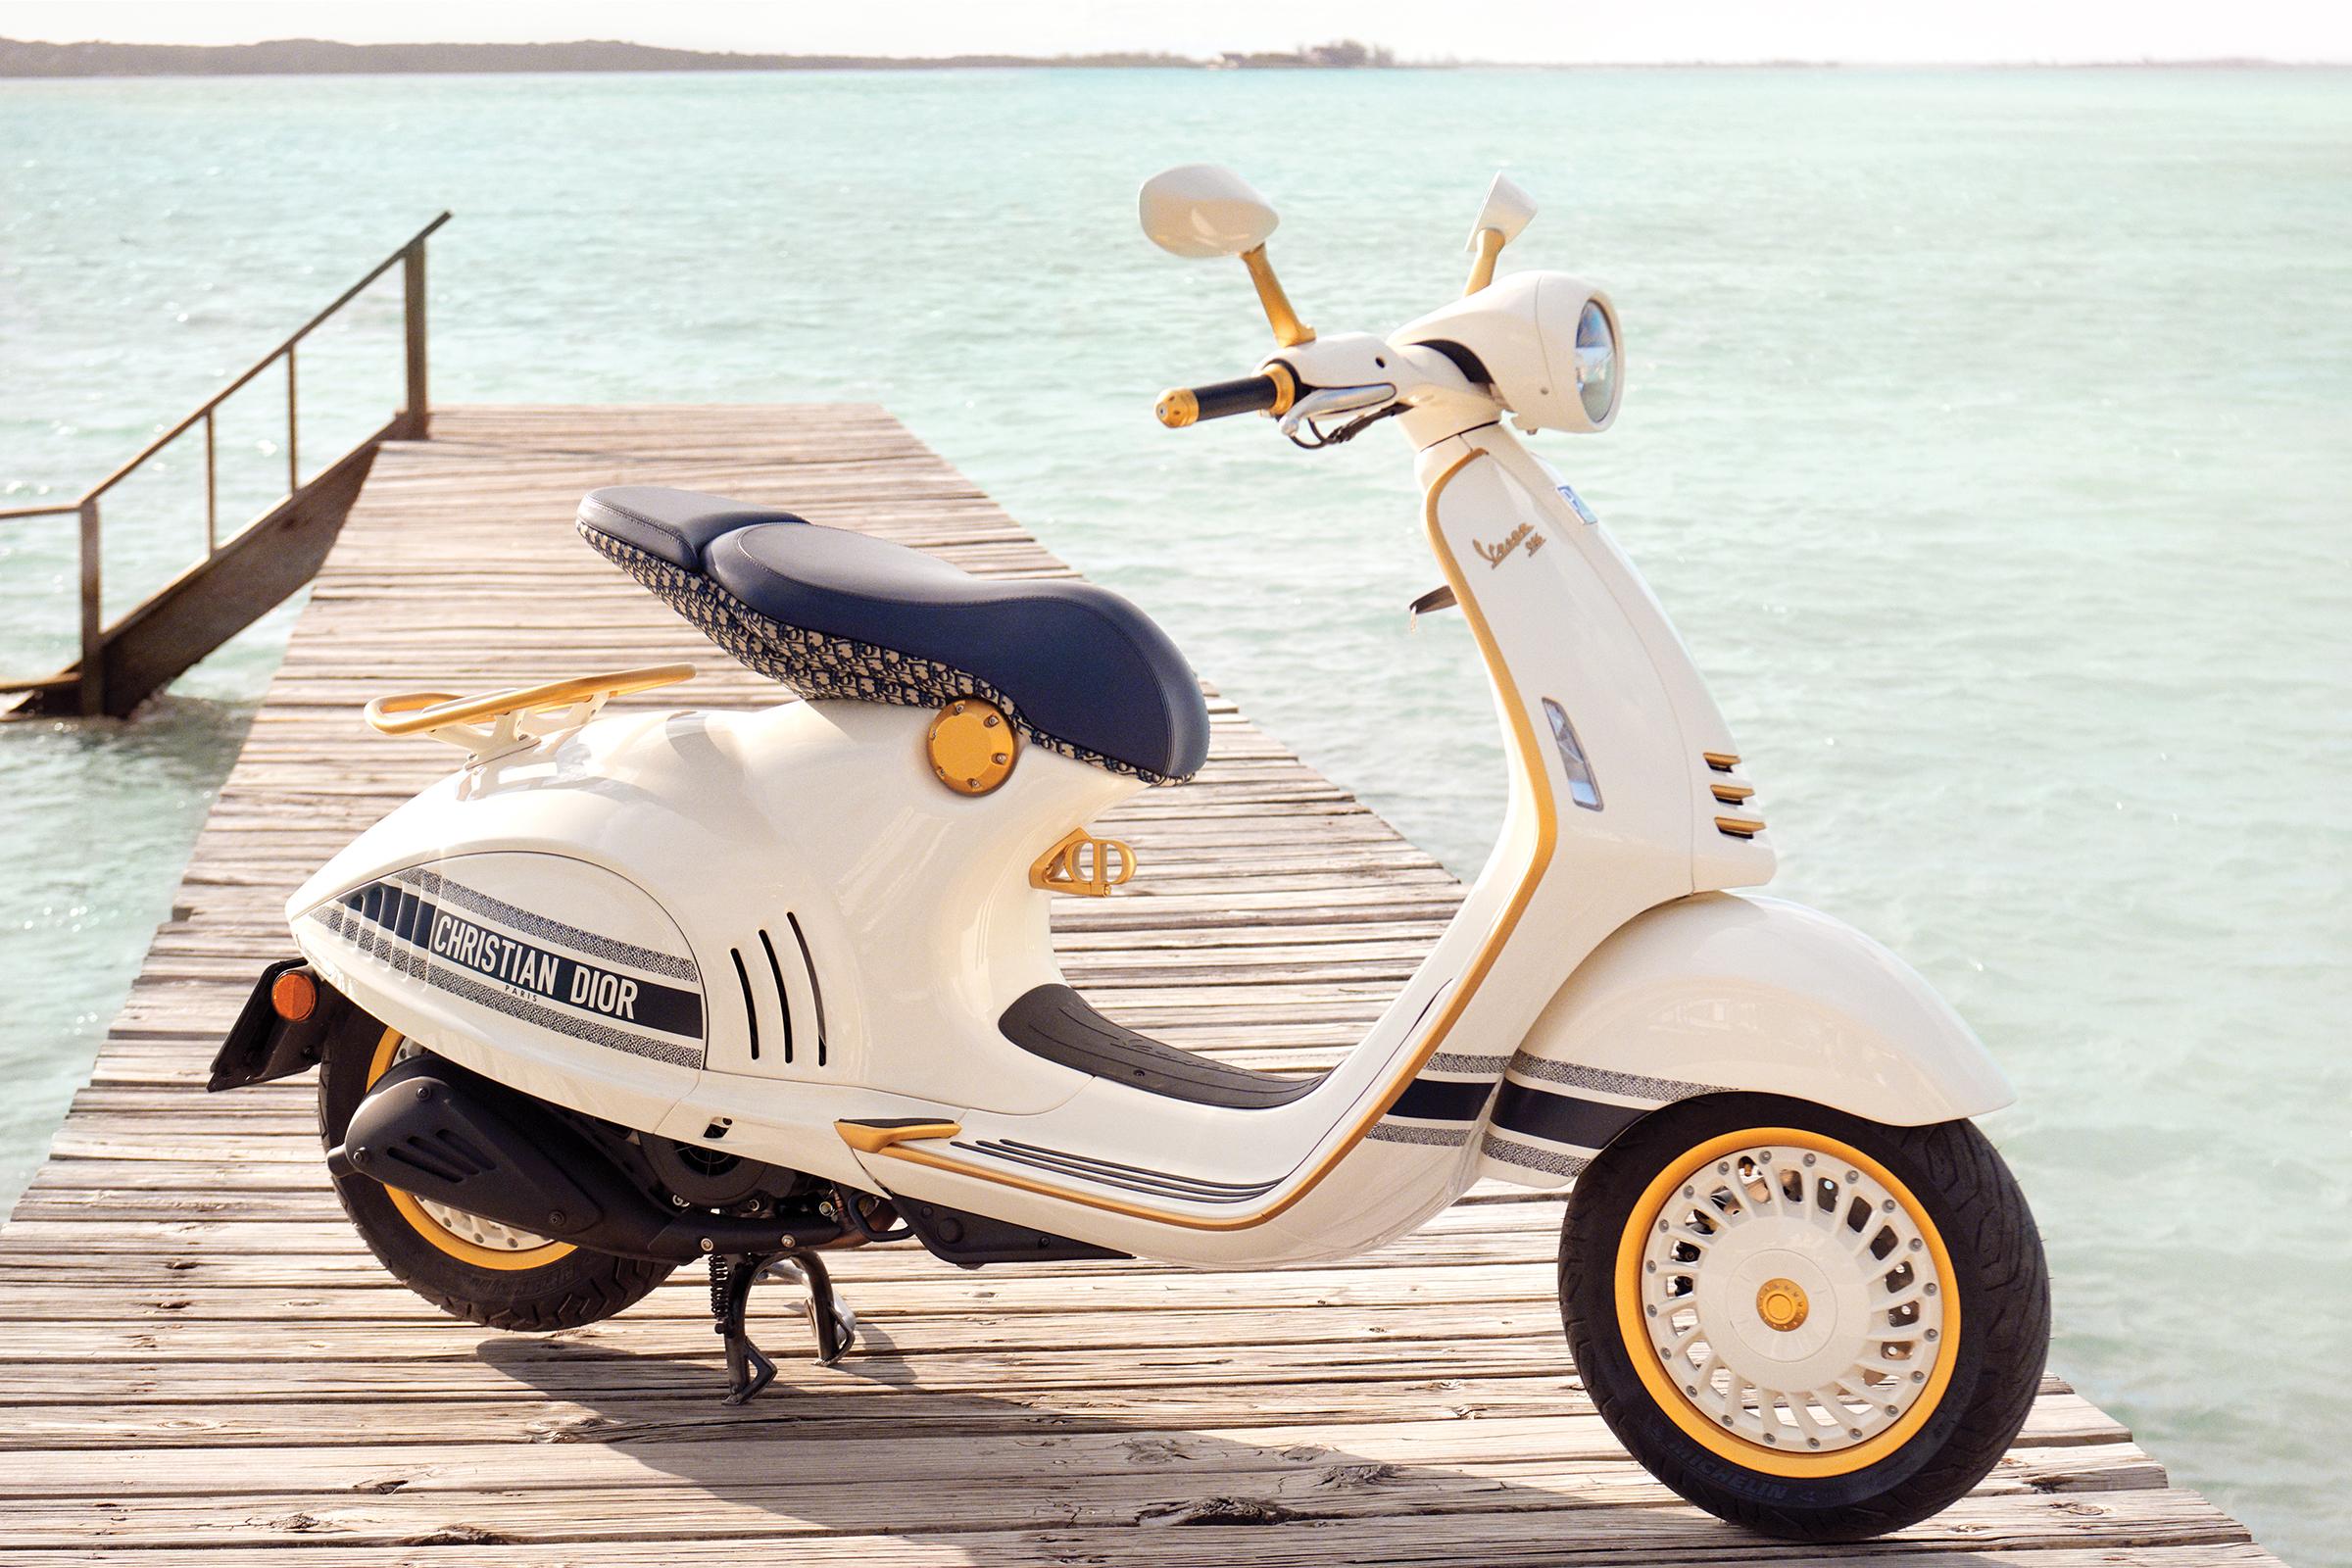 Motor ini biasanya dihadirkan dalam edisi spesial dengan jumlah terbatas. Kini, Piaggio kembali merilis Vespa 946 Christian Dior.